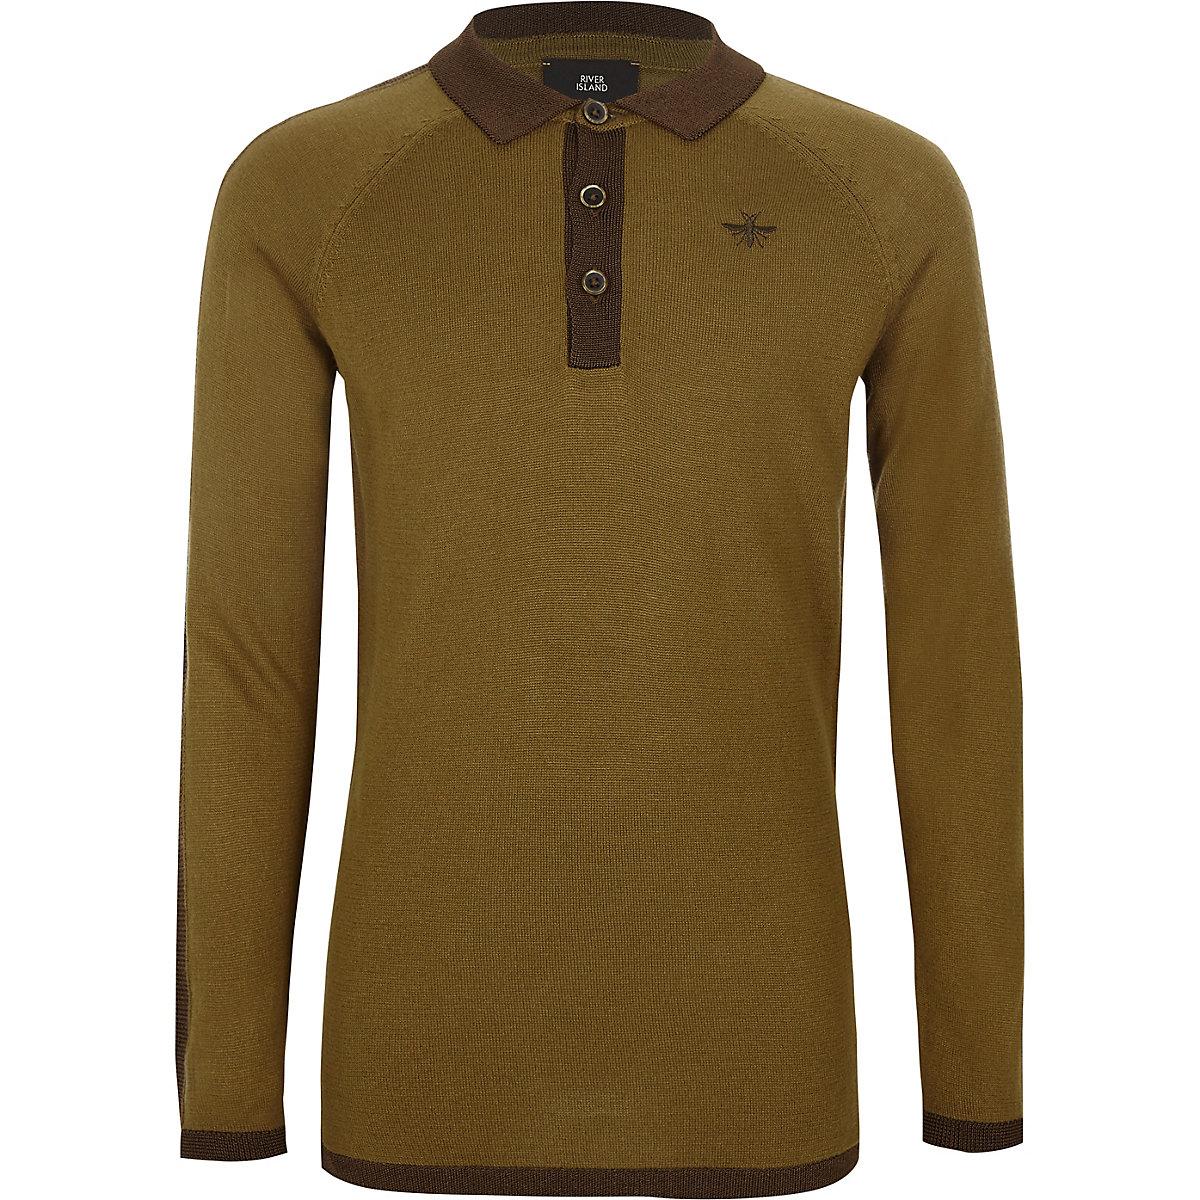 Boys khaki green long sleeve polo shirt